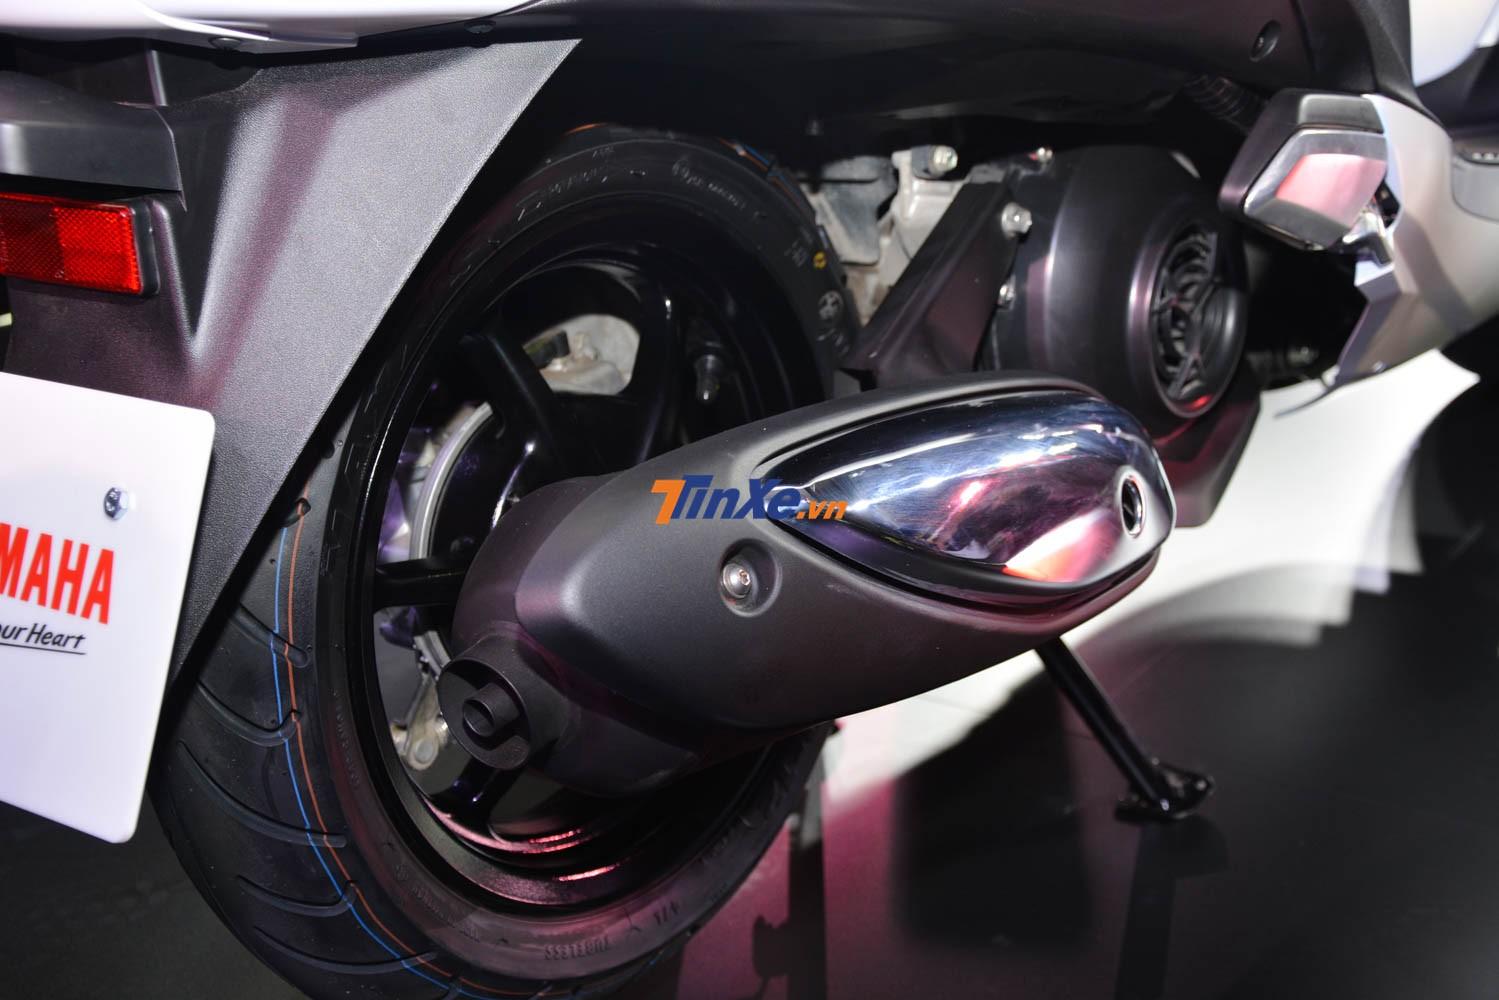 Động cơ này sẽ tích hợp hệ thống trợ lực điện Hybrid mang đến trải nghiệm lái êm và tiết kiệm nhiên liệu hơn